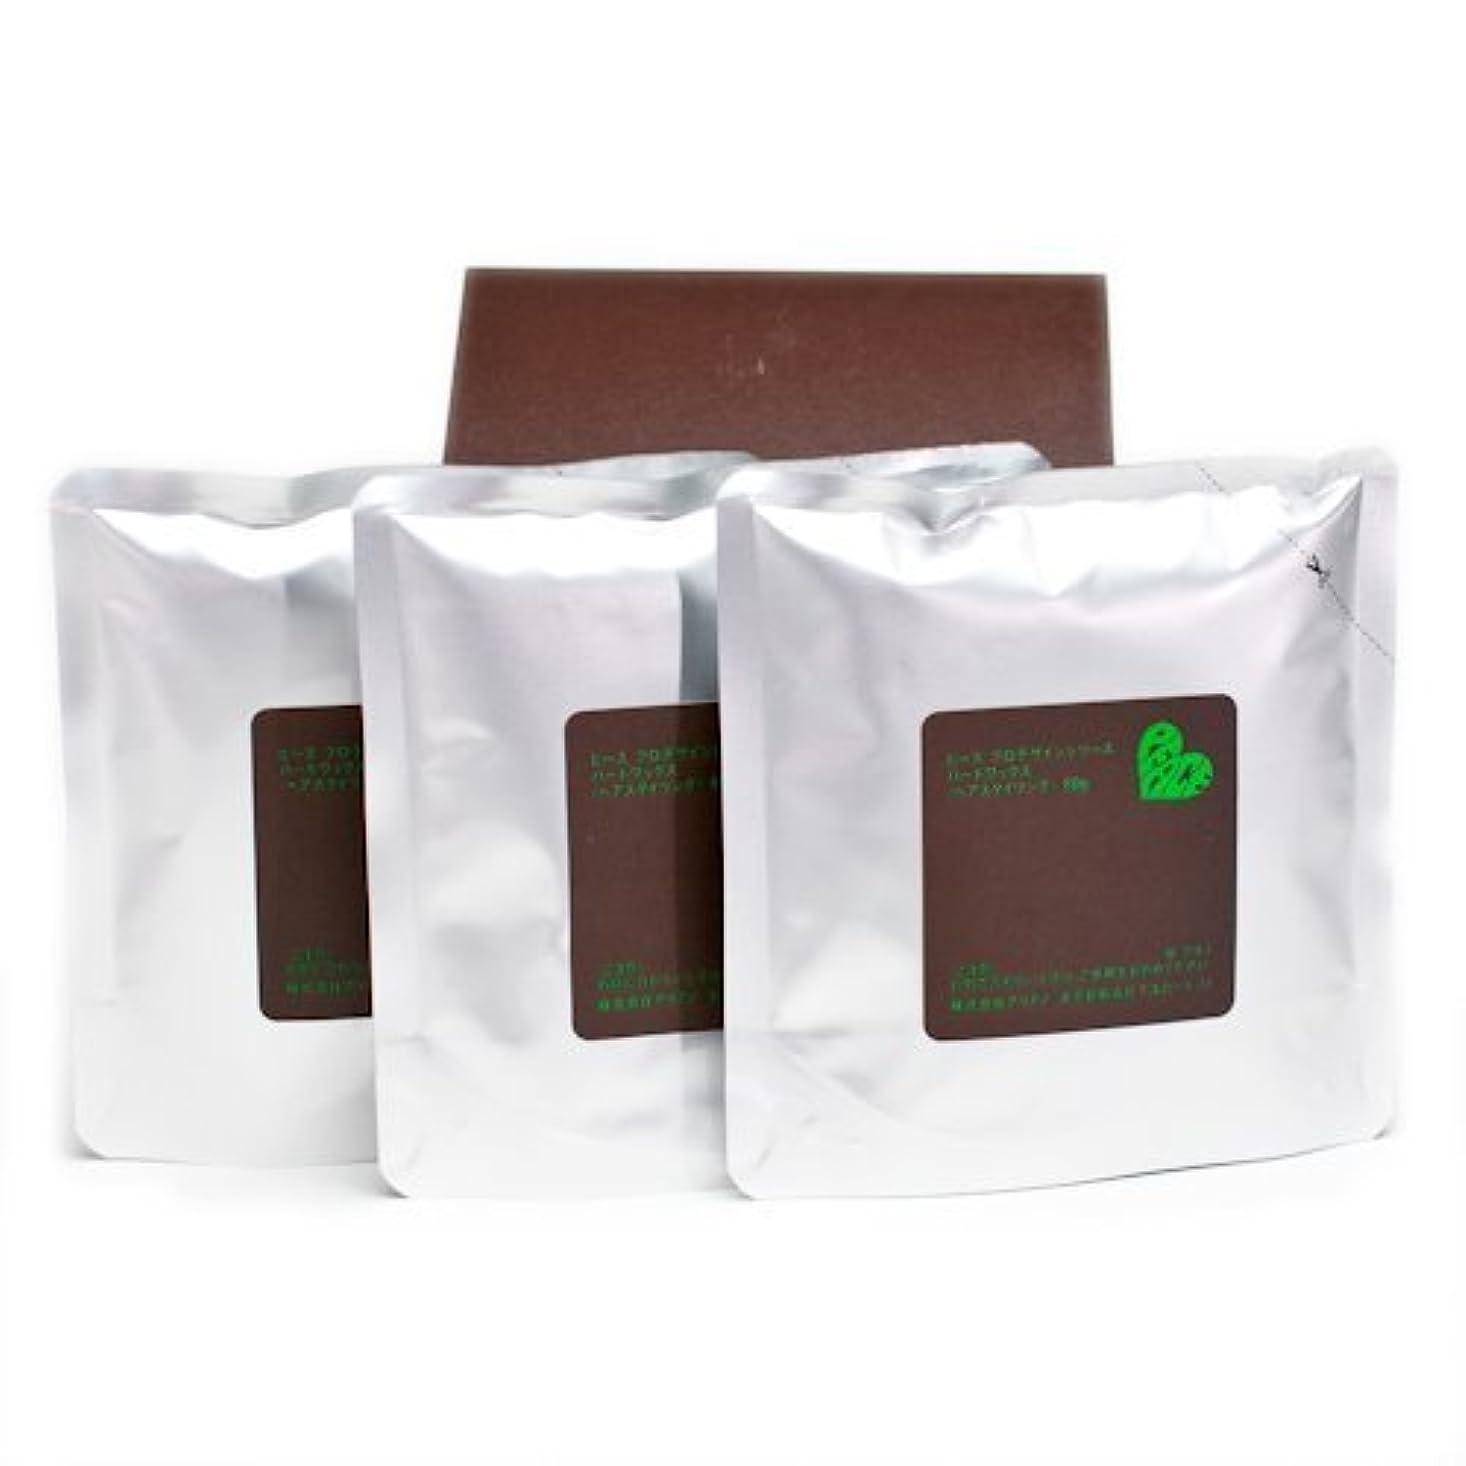 きらめき休戦生理アリミノ ピース ハードワックス (チョコ) 80g(業務?詰替用)×3個入り